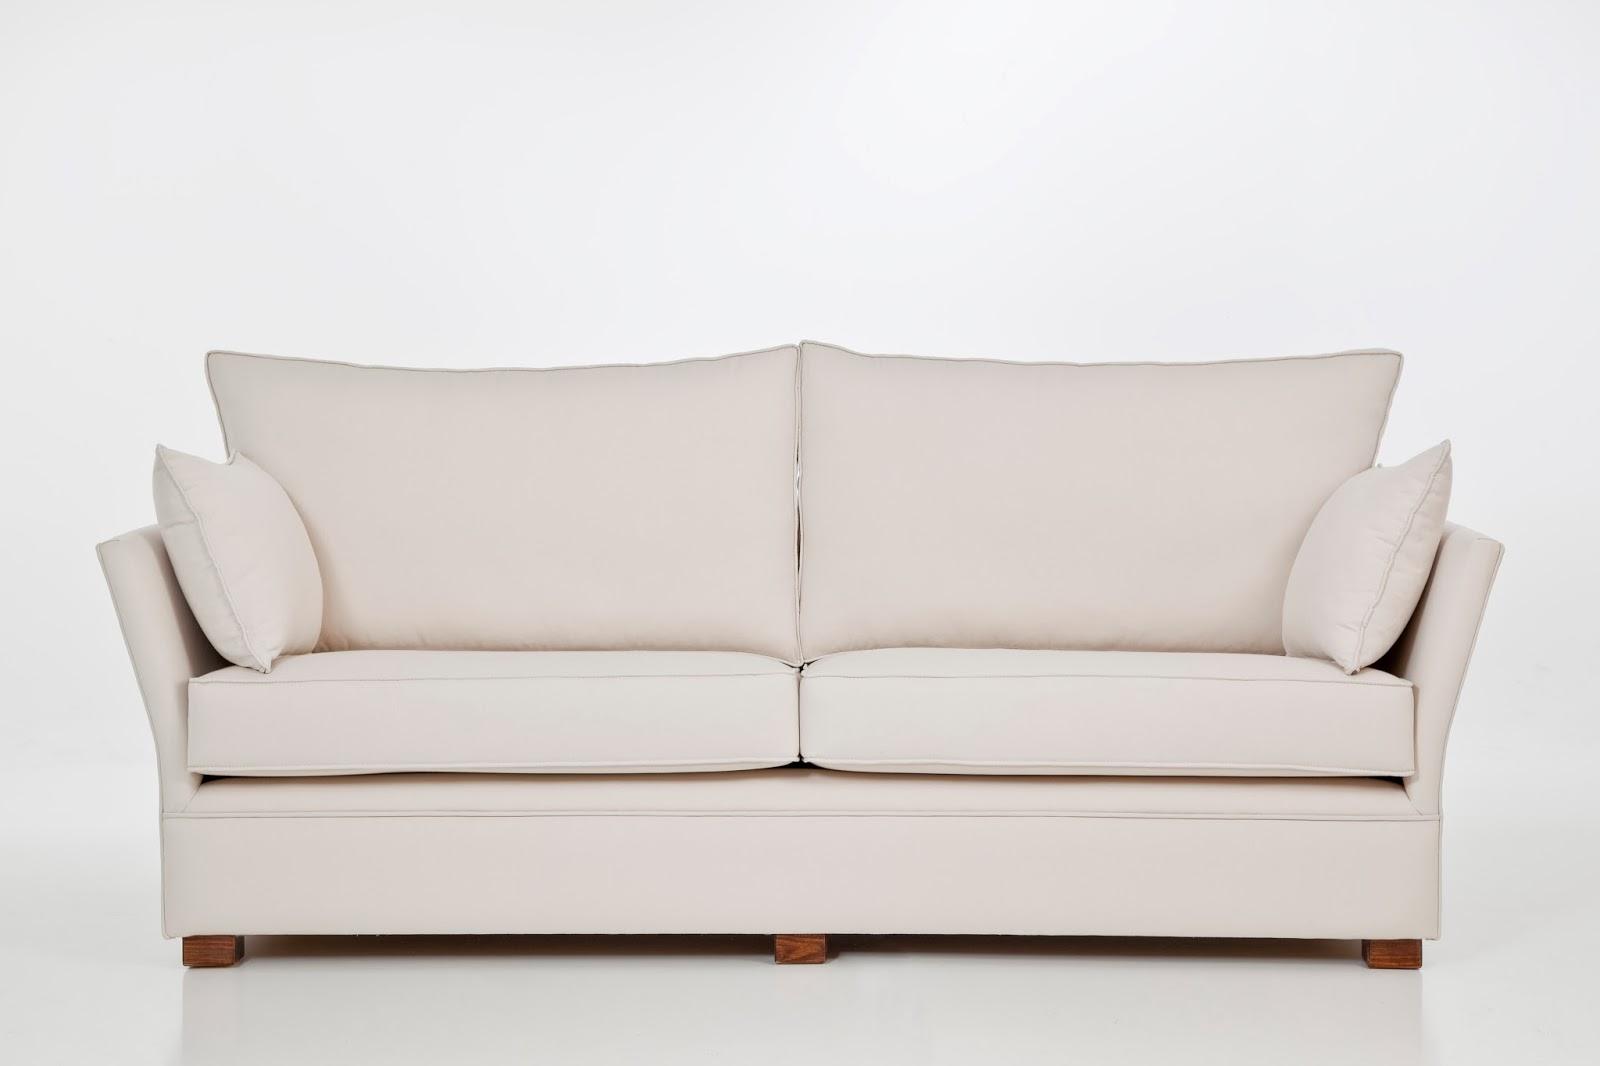 Tapizados sofas clasicos y de dise os fabrica en for Sofa fabrica